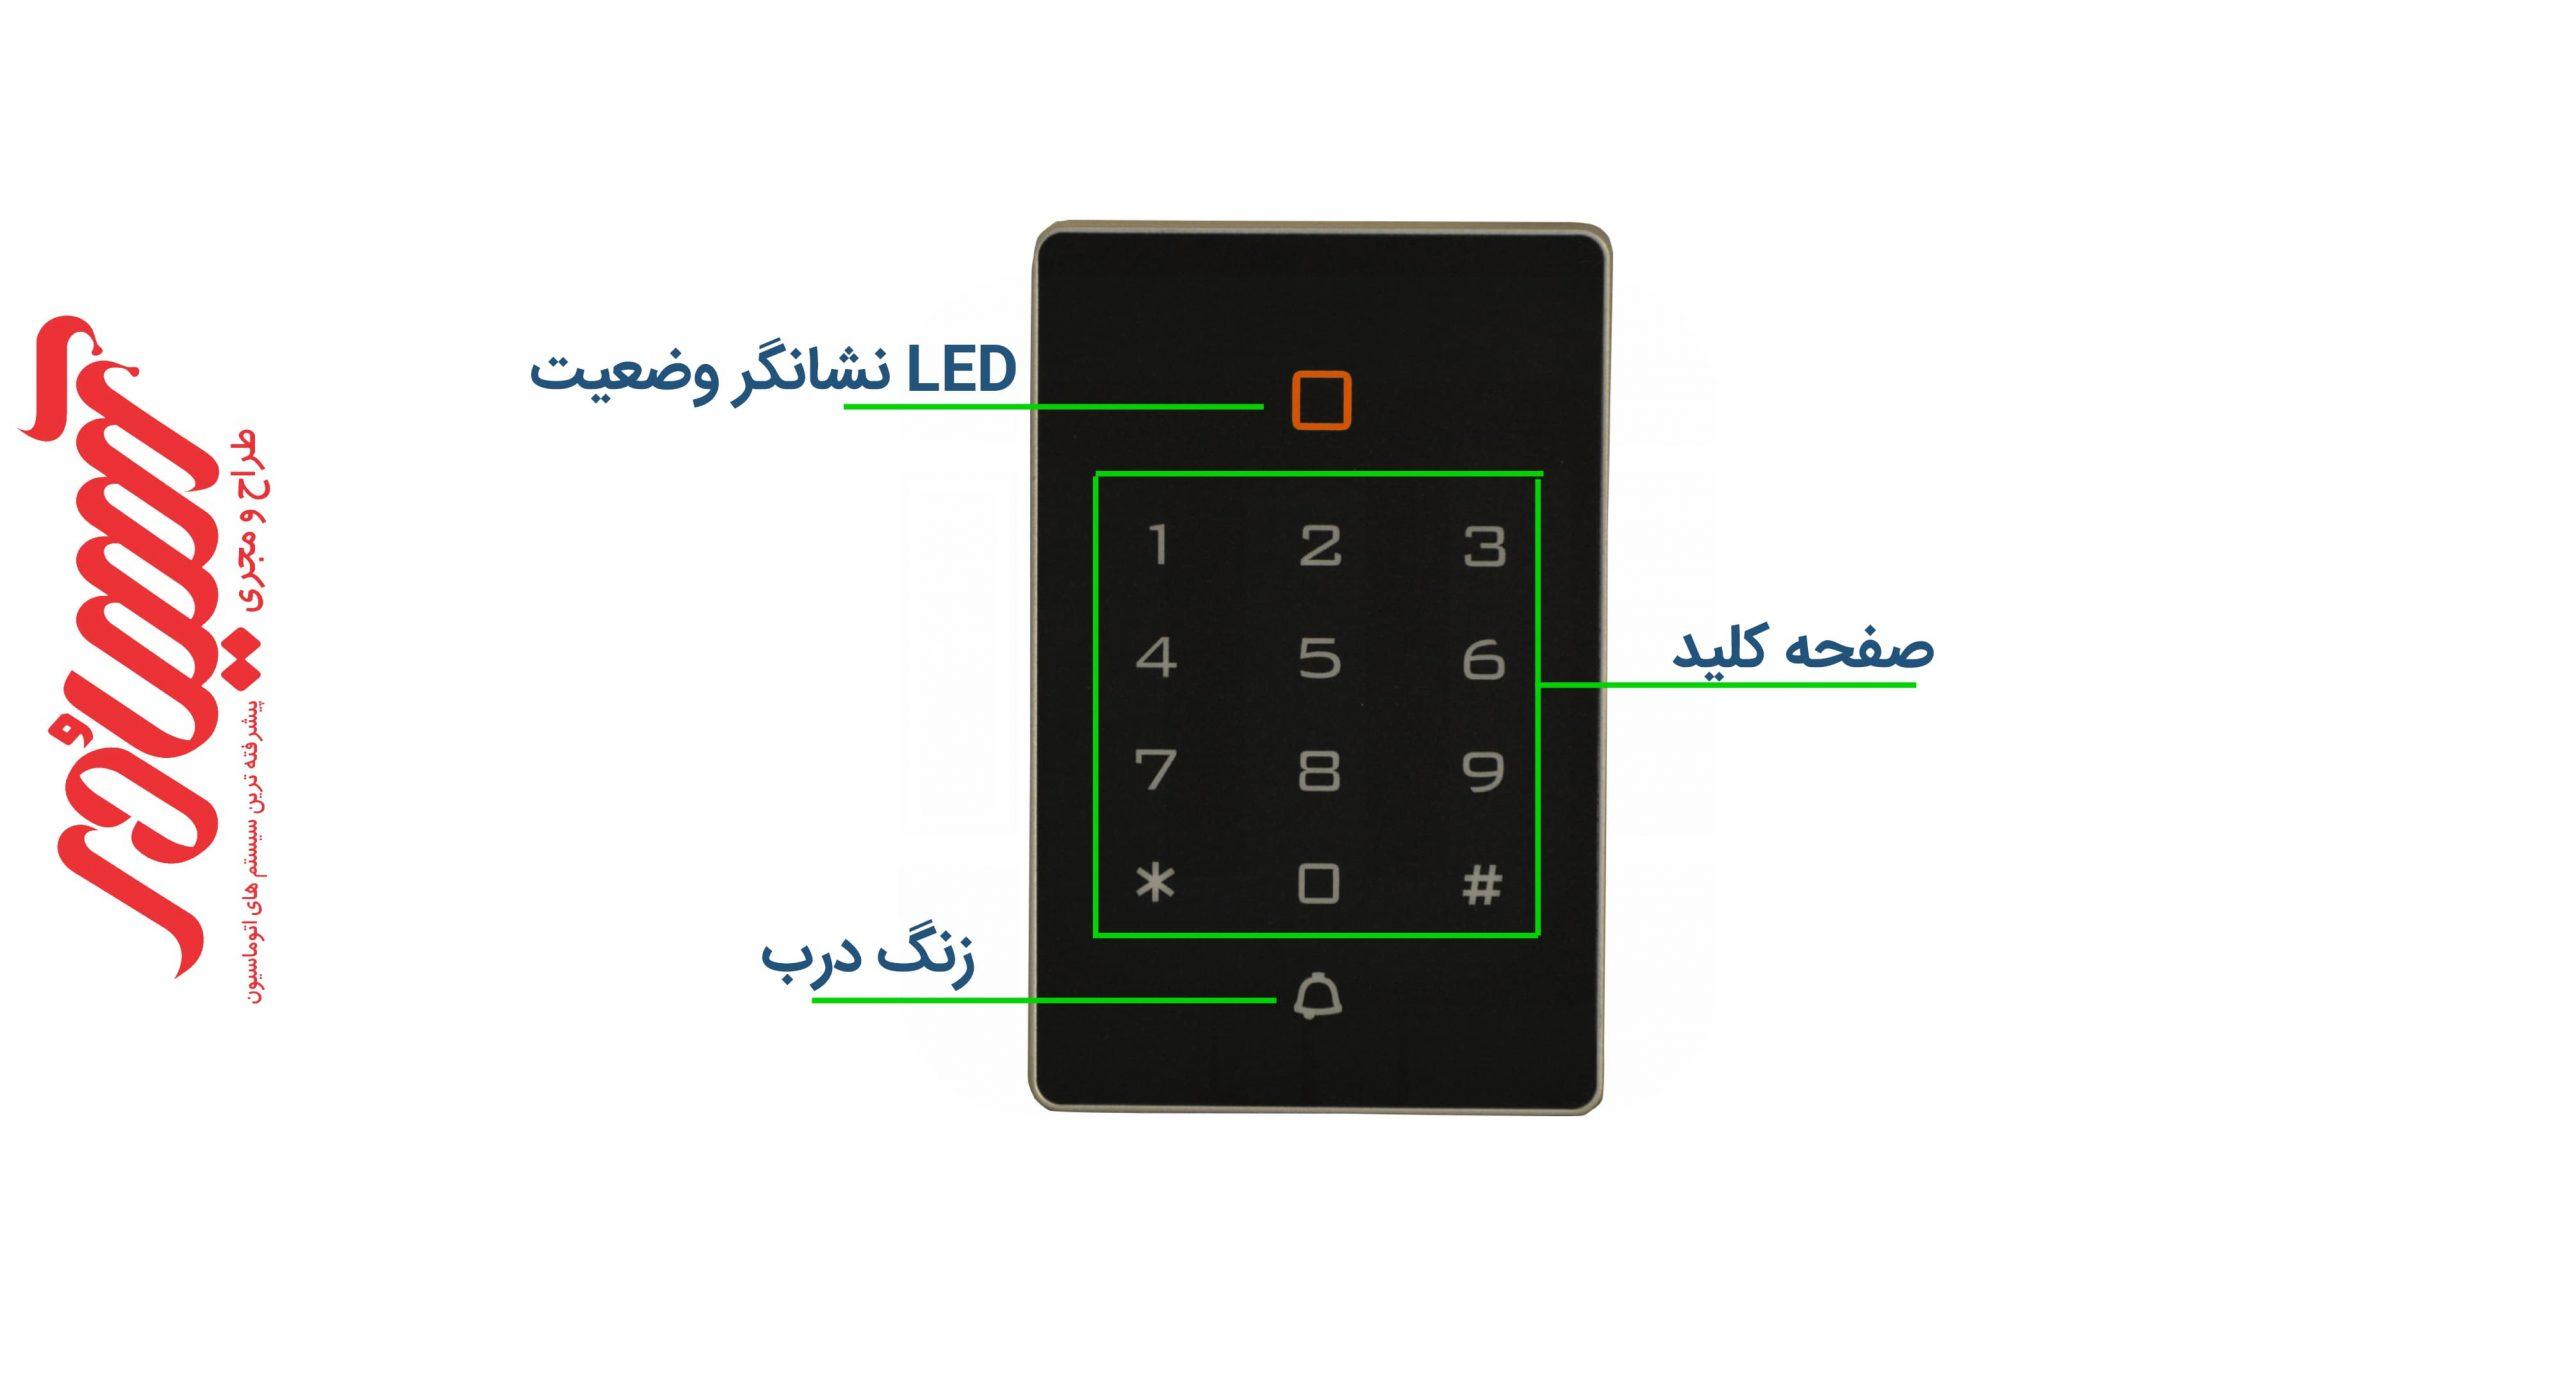 کنترل تردد HMT-ST68